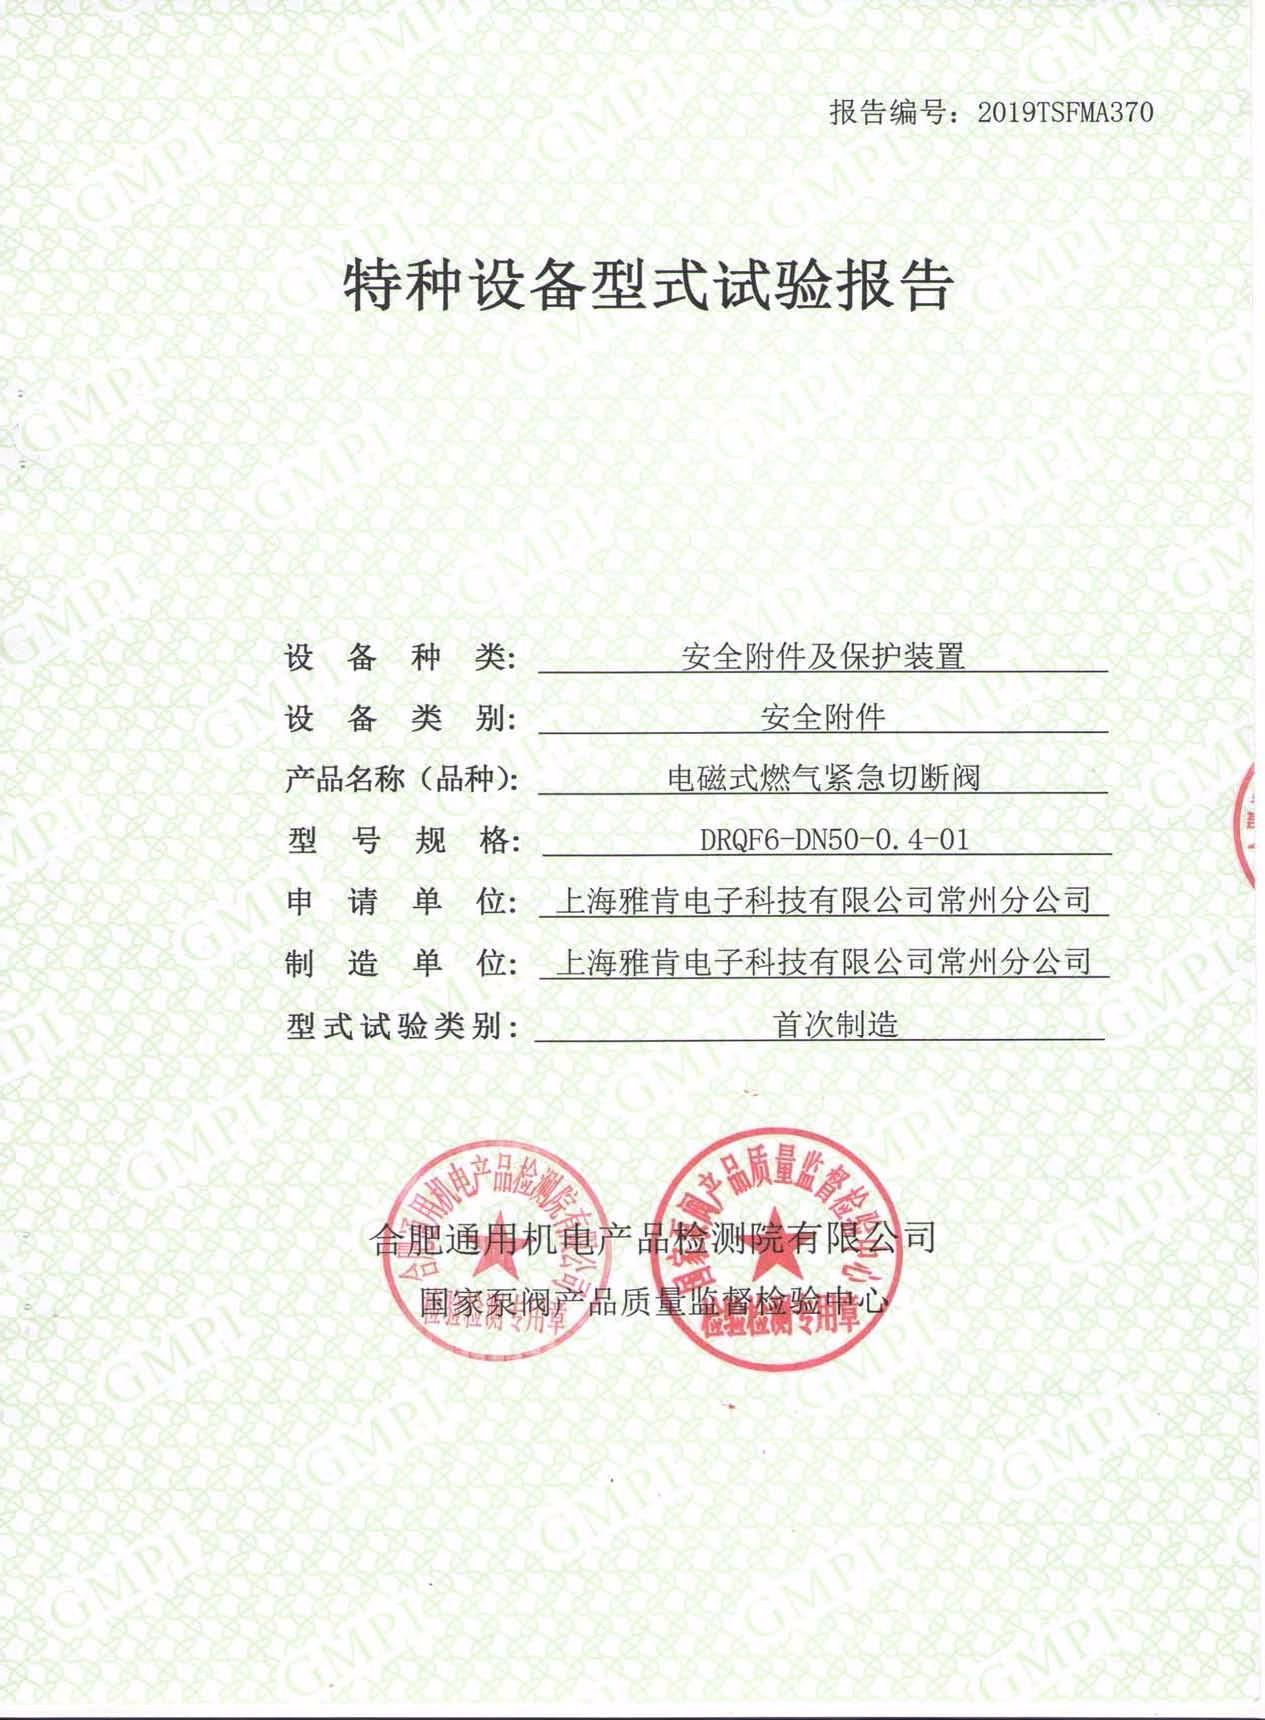 국가 특수 장비 테스트 보고서